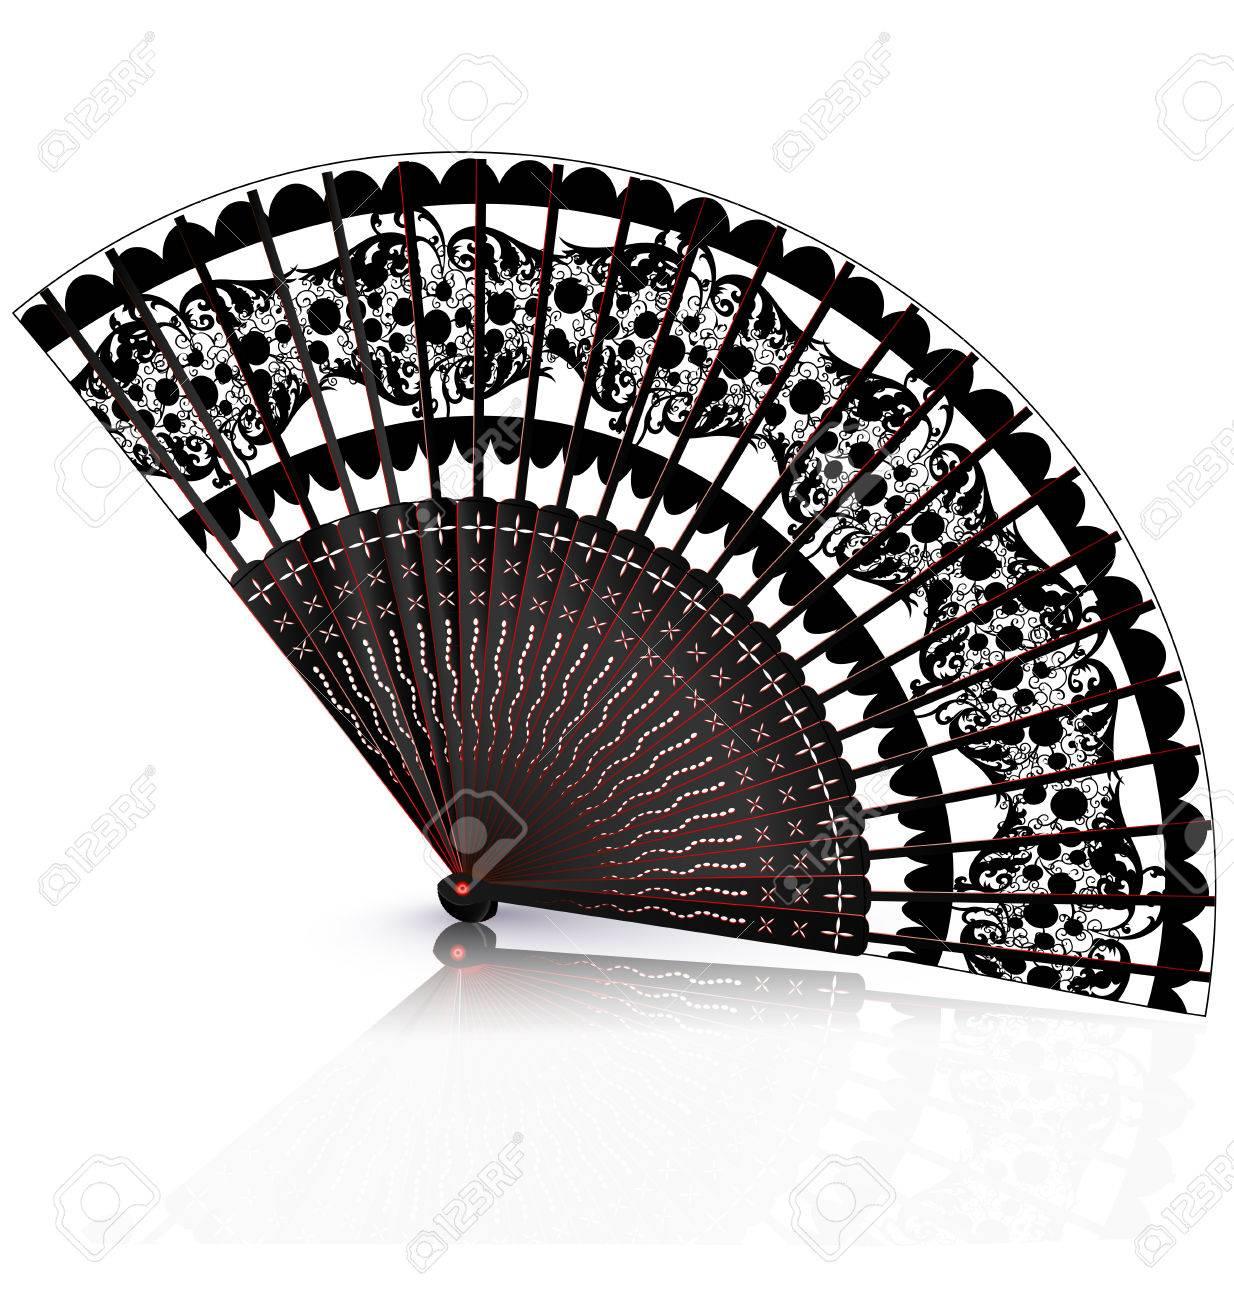 白い背景と黒赤オールドファンのイラスト素材・ベクタ - Image 50413960.